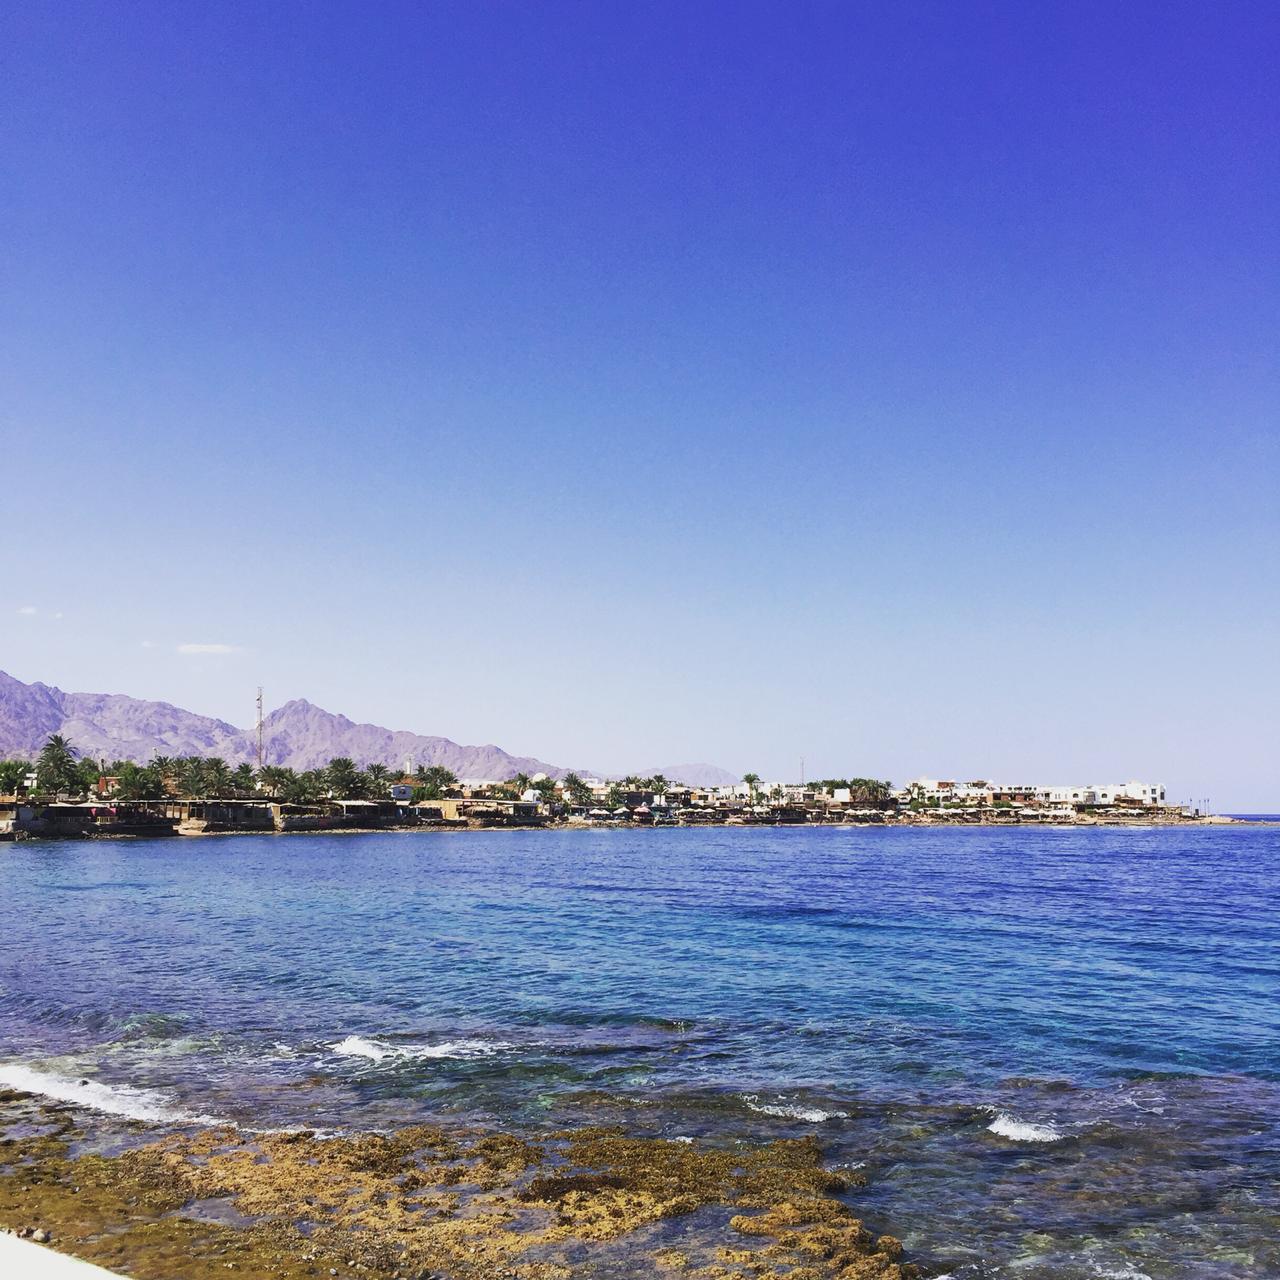 شاطئ دهب المصرية يحتل المركز الأول كأفضل شواطئ الشرق الأوسط (4)